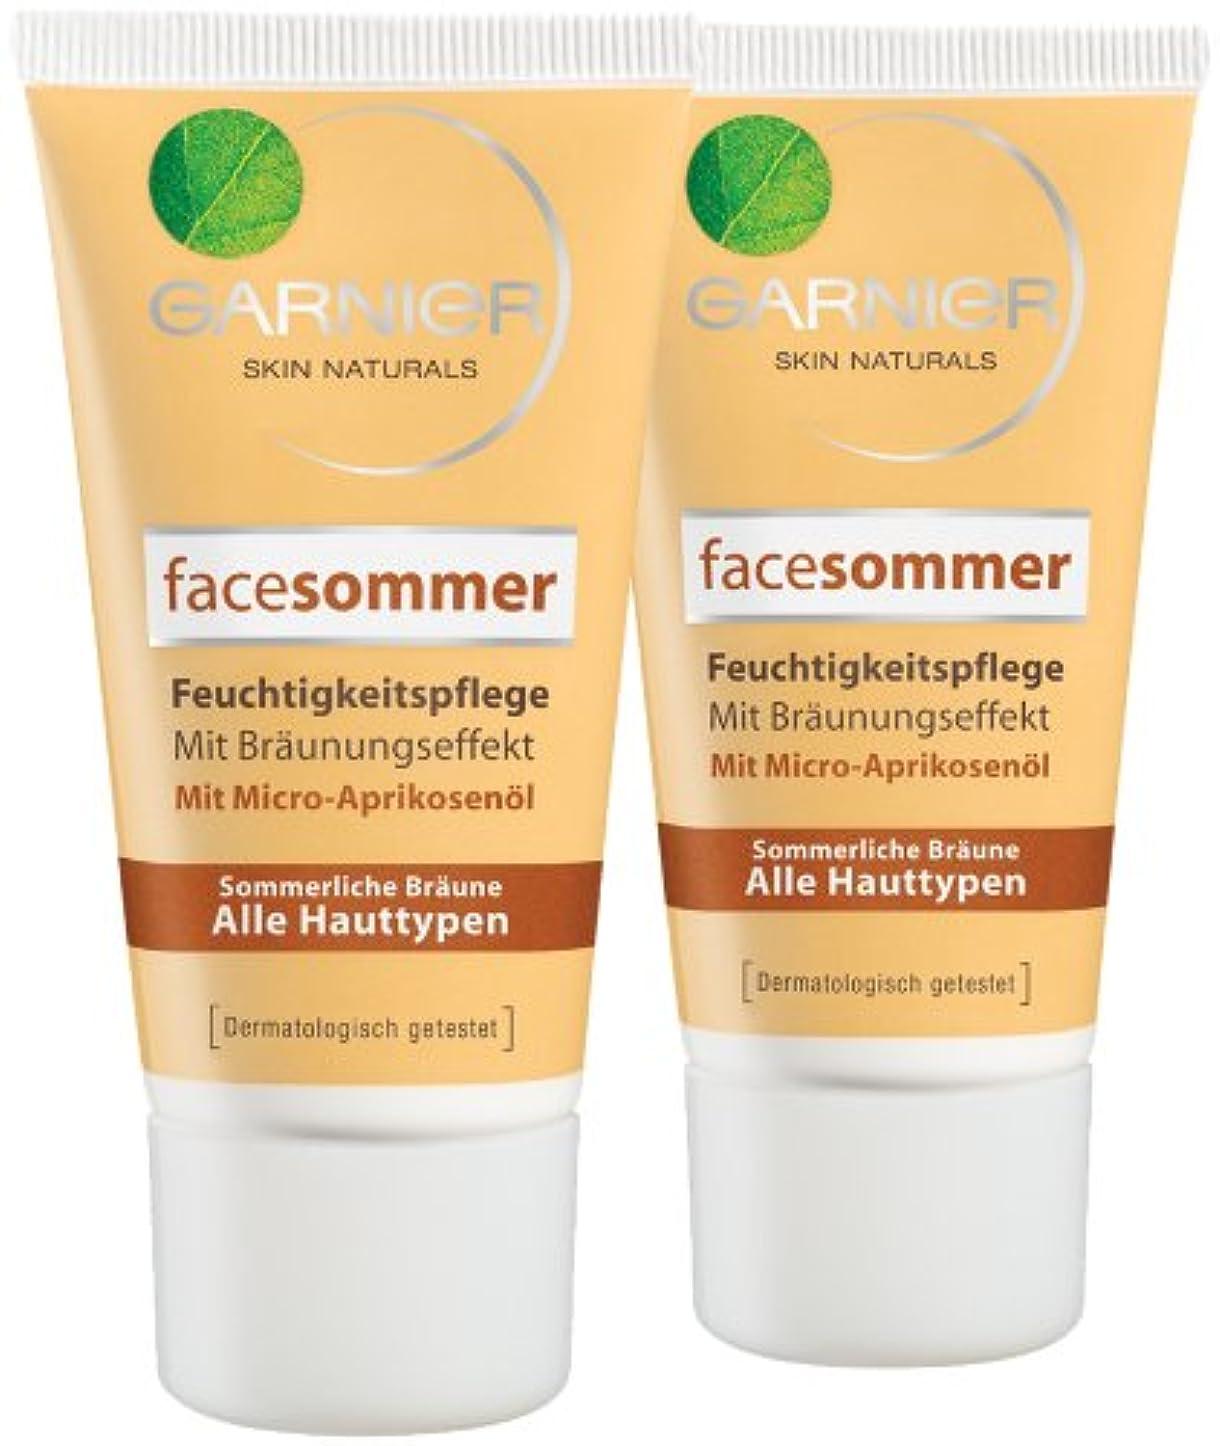 ブートクランシー独裁Garnier Face Sommer Feuchtigkeitspflege, 50 ml, 2er Pack (2 x 50 ml)